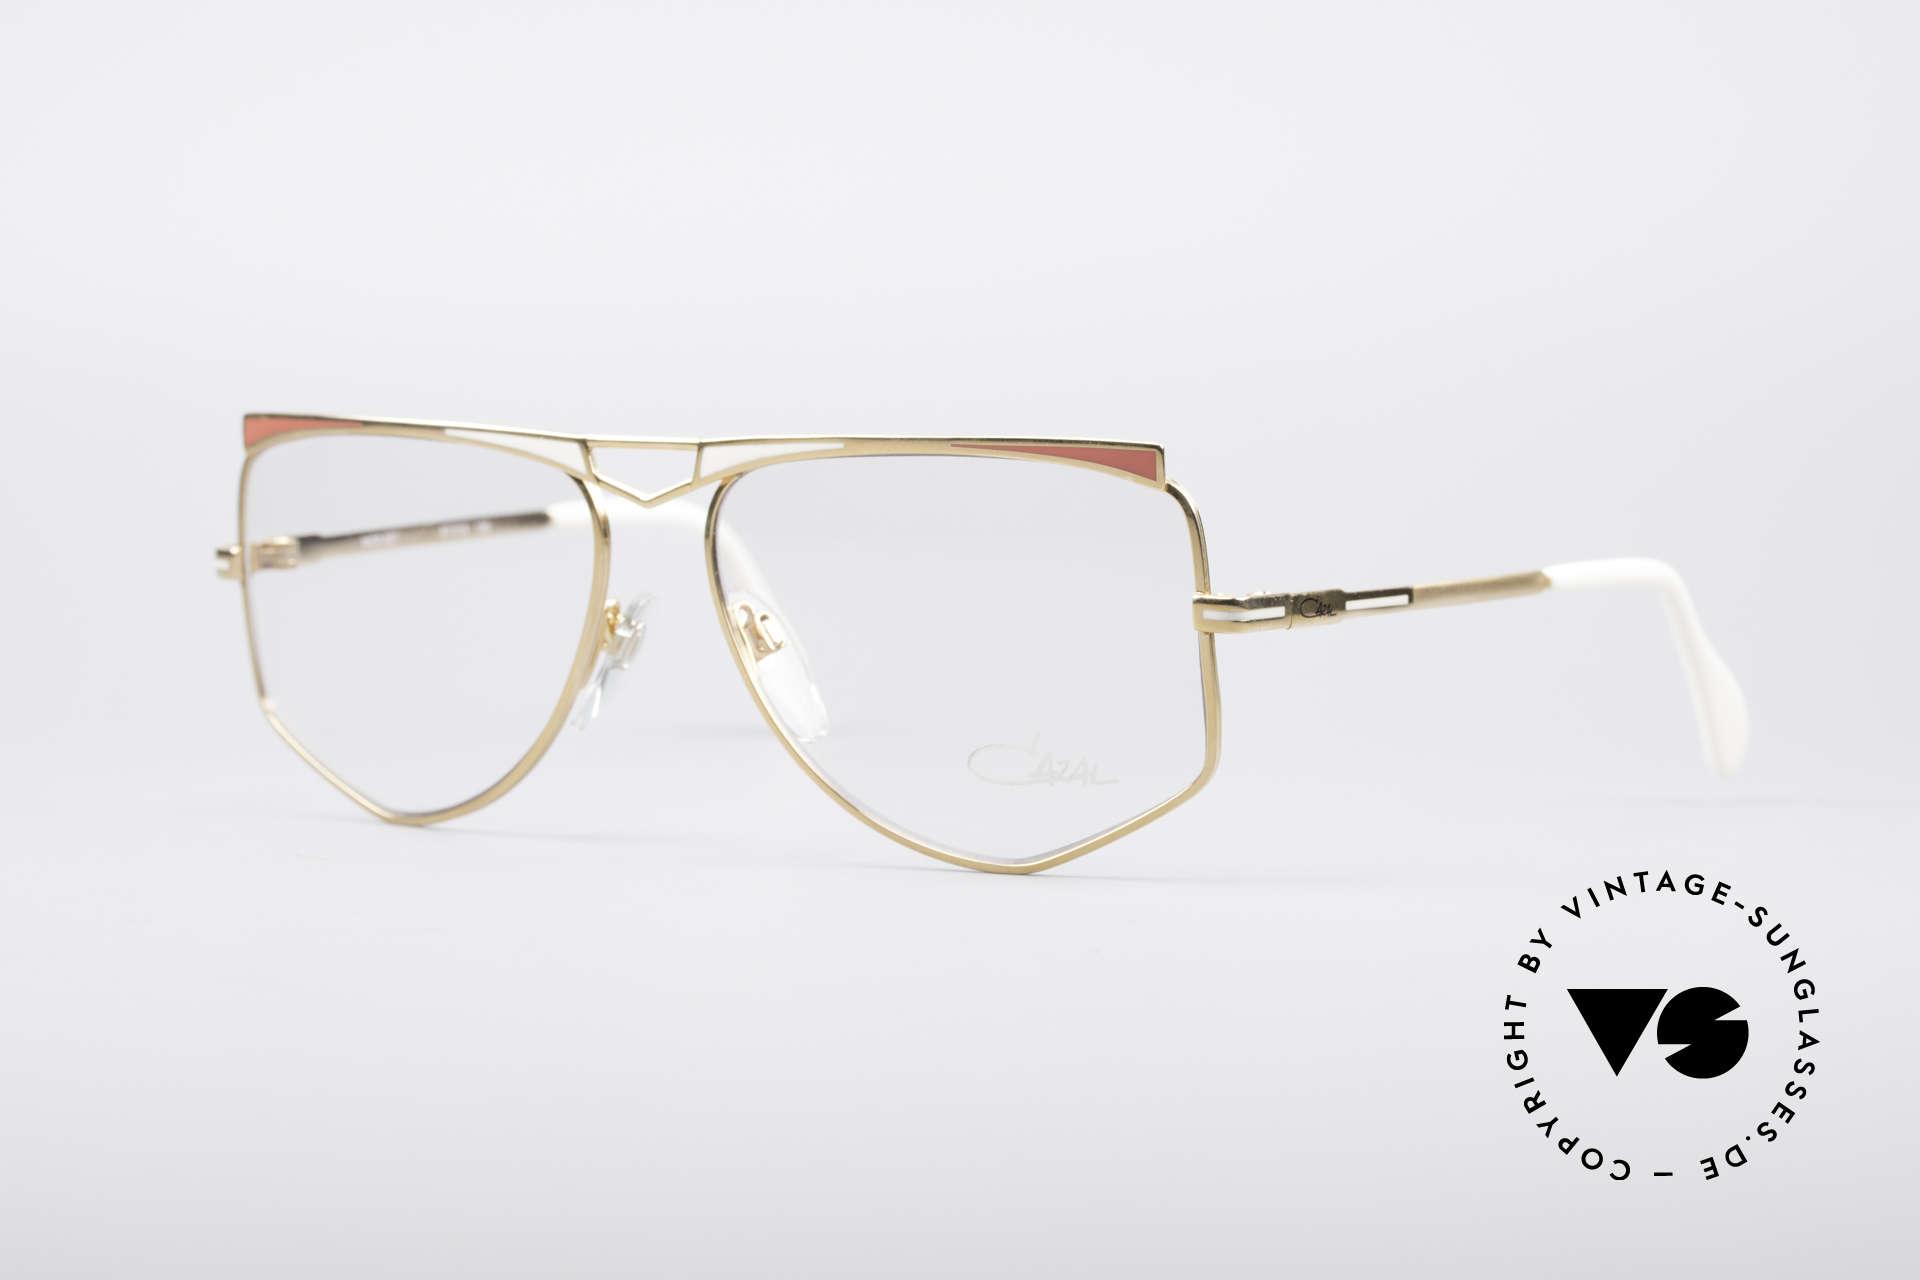 Cazal 227 True Vintage No Retro Frame, lovely women's designer frame by Cari Zalloni (CAZAL), Made for Women